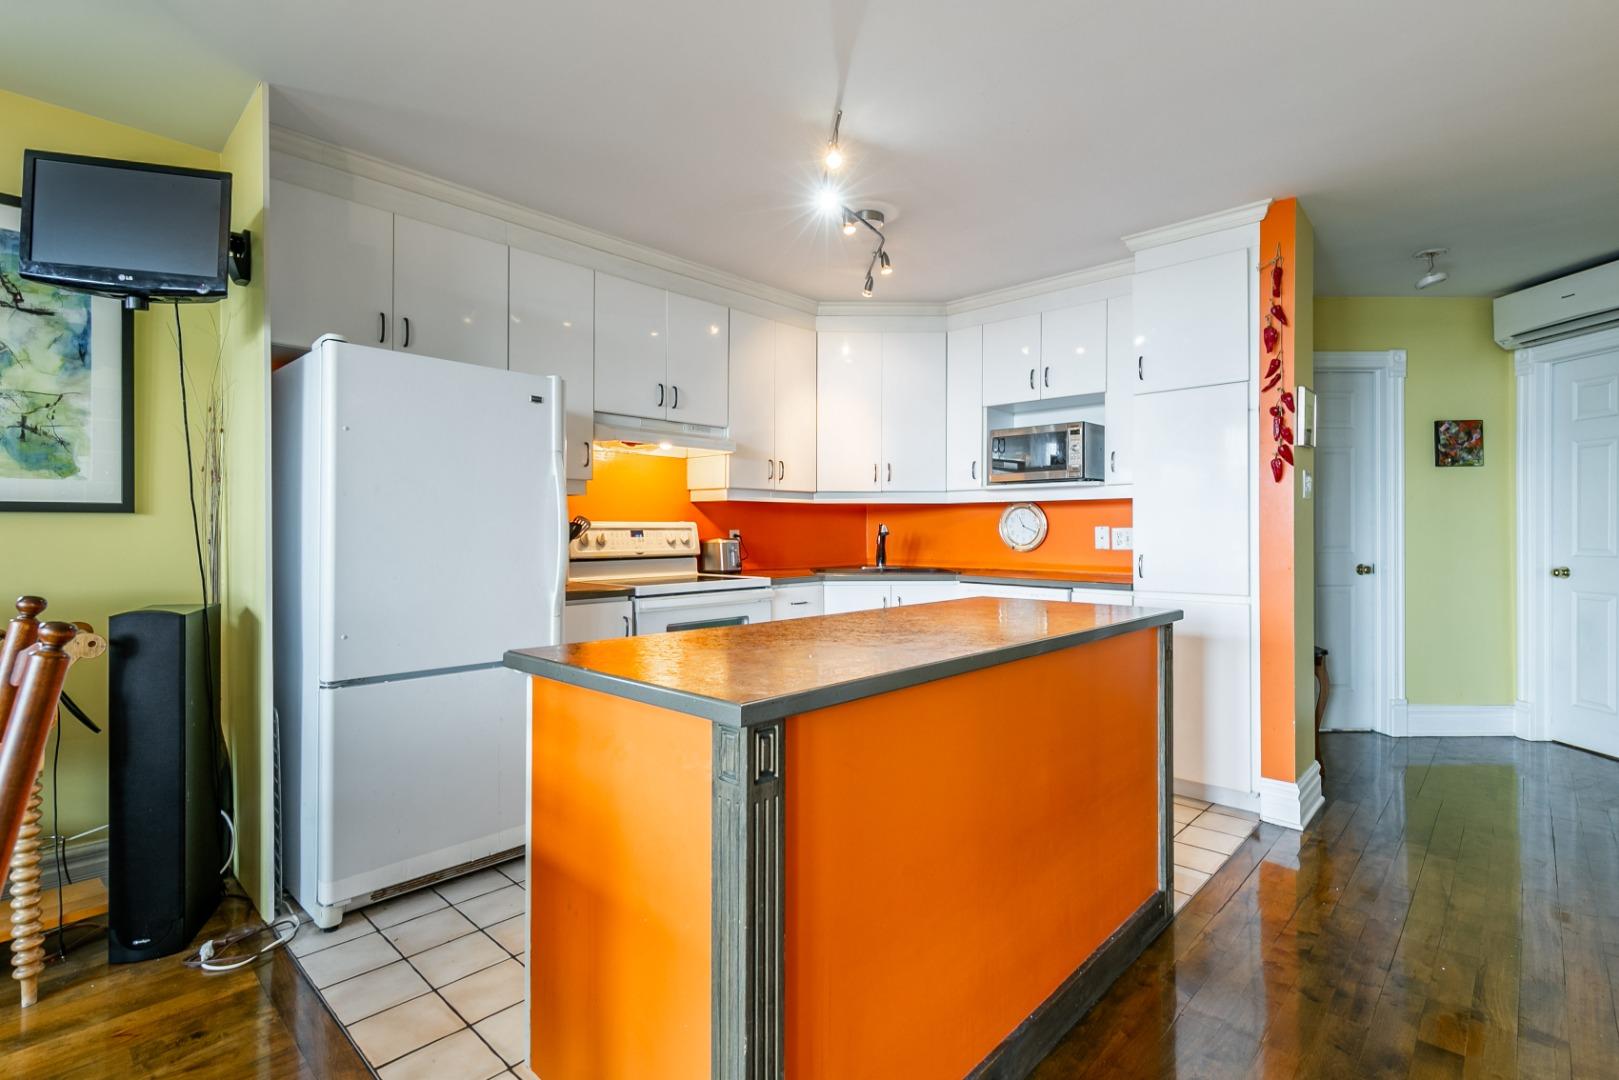 Condo à vendre Rosemont 6529 rue Cartier Montréal-12.jpg